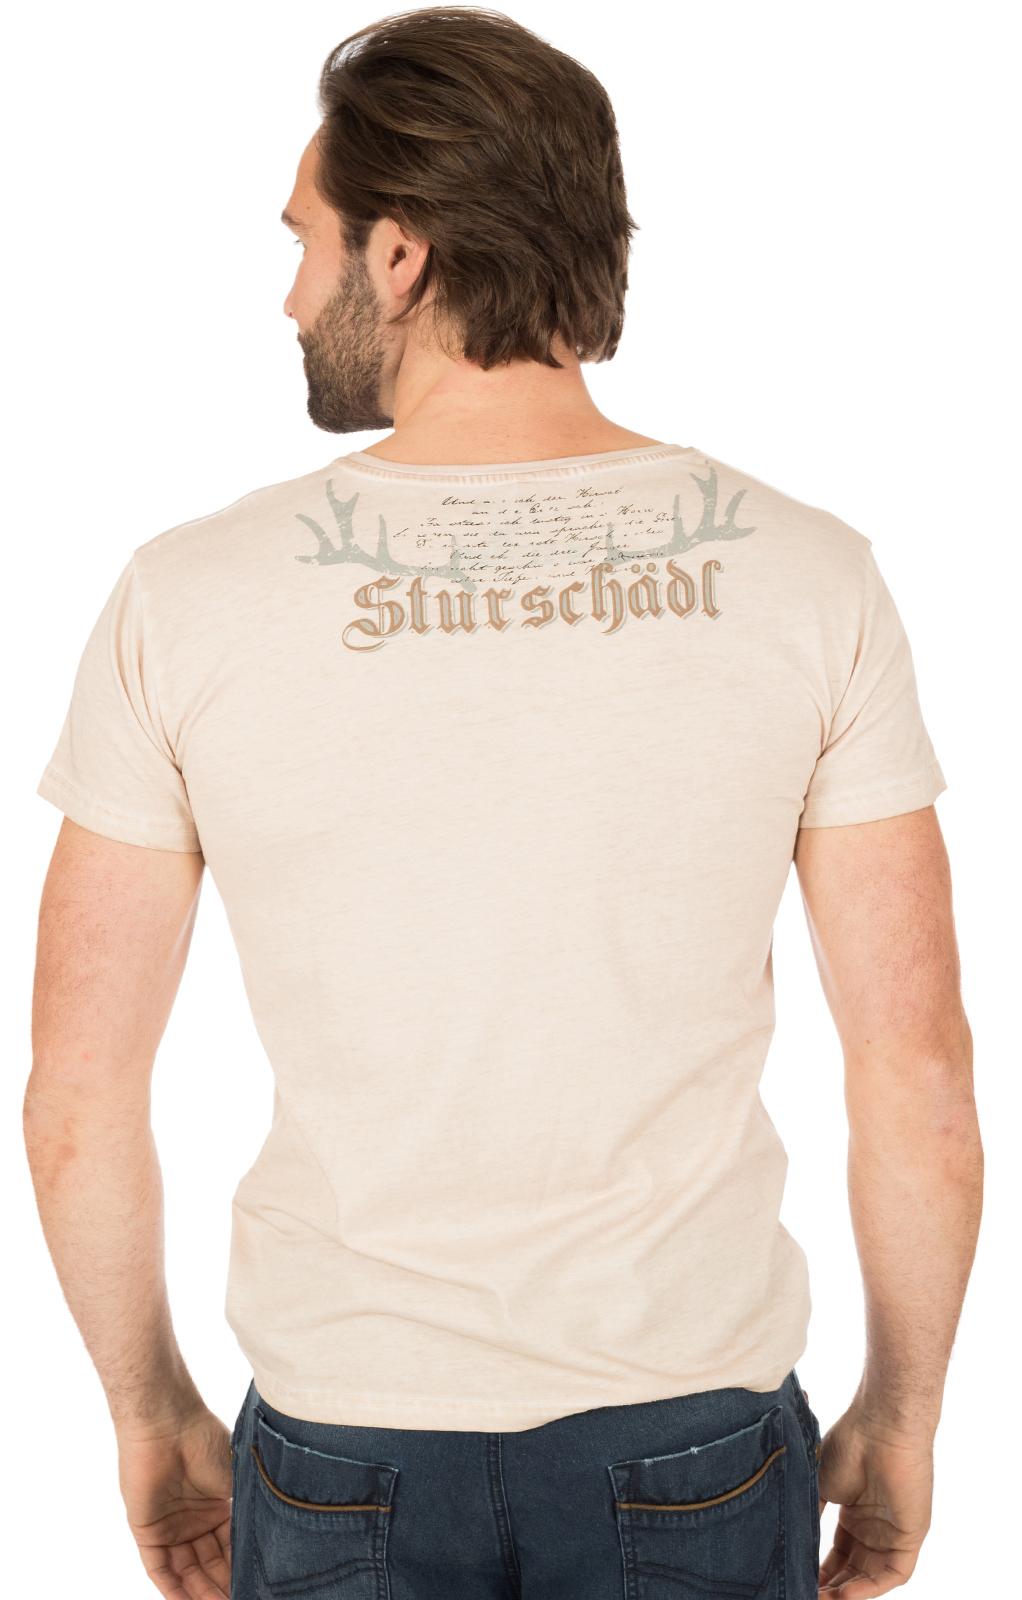 weitere Bilder von Trachten T-ShirtM28 STURSCHÄDEL sand